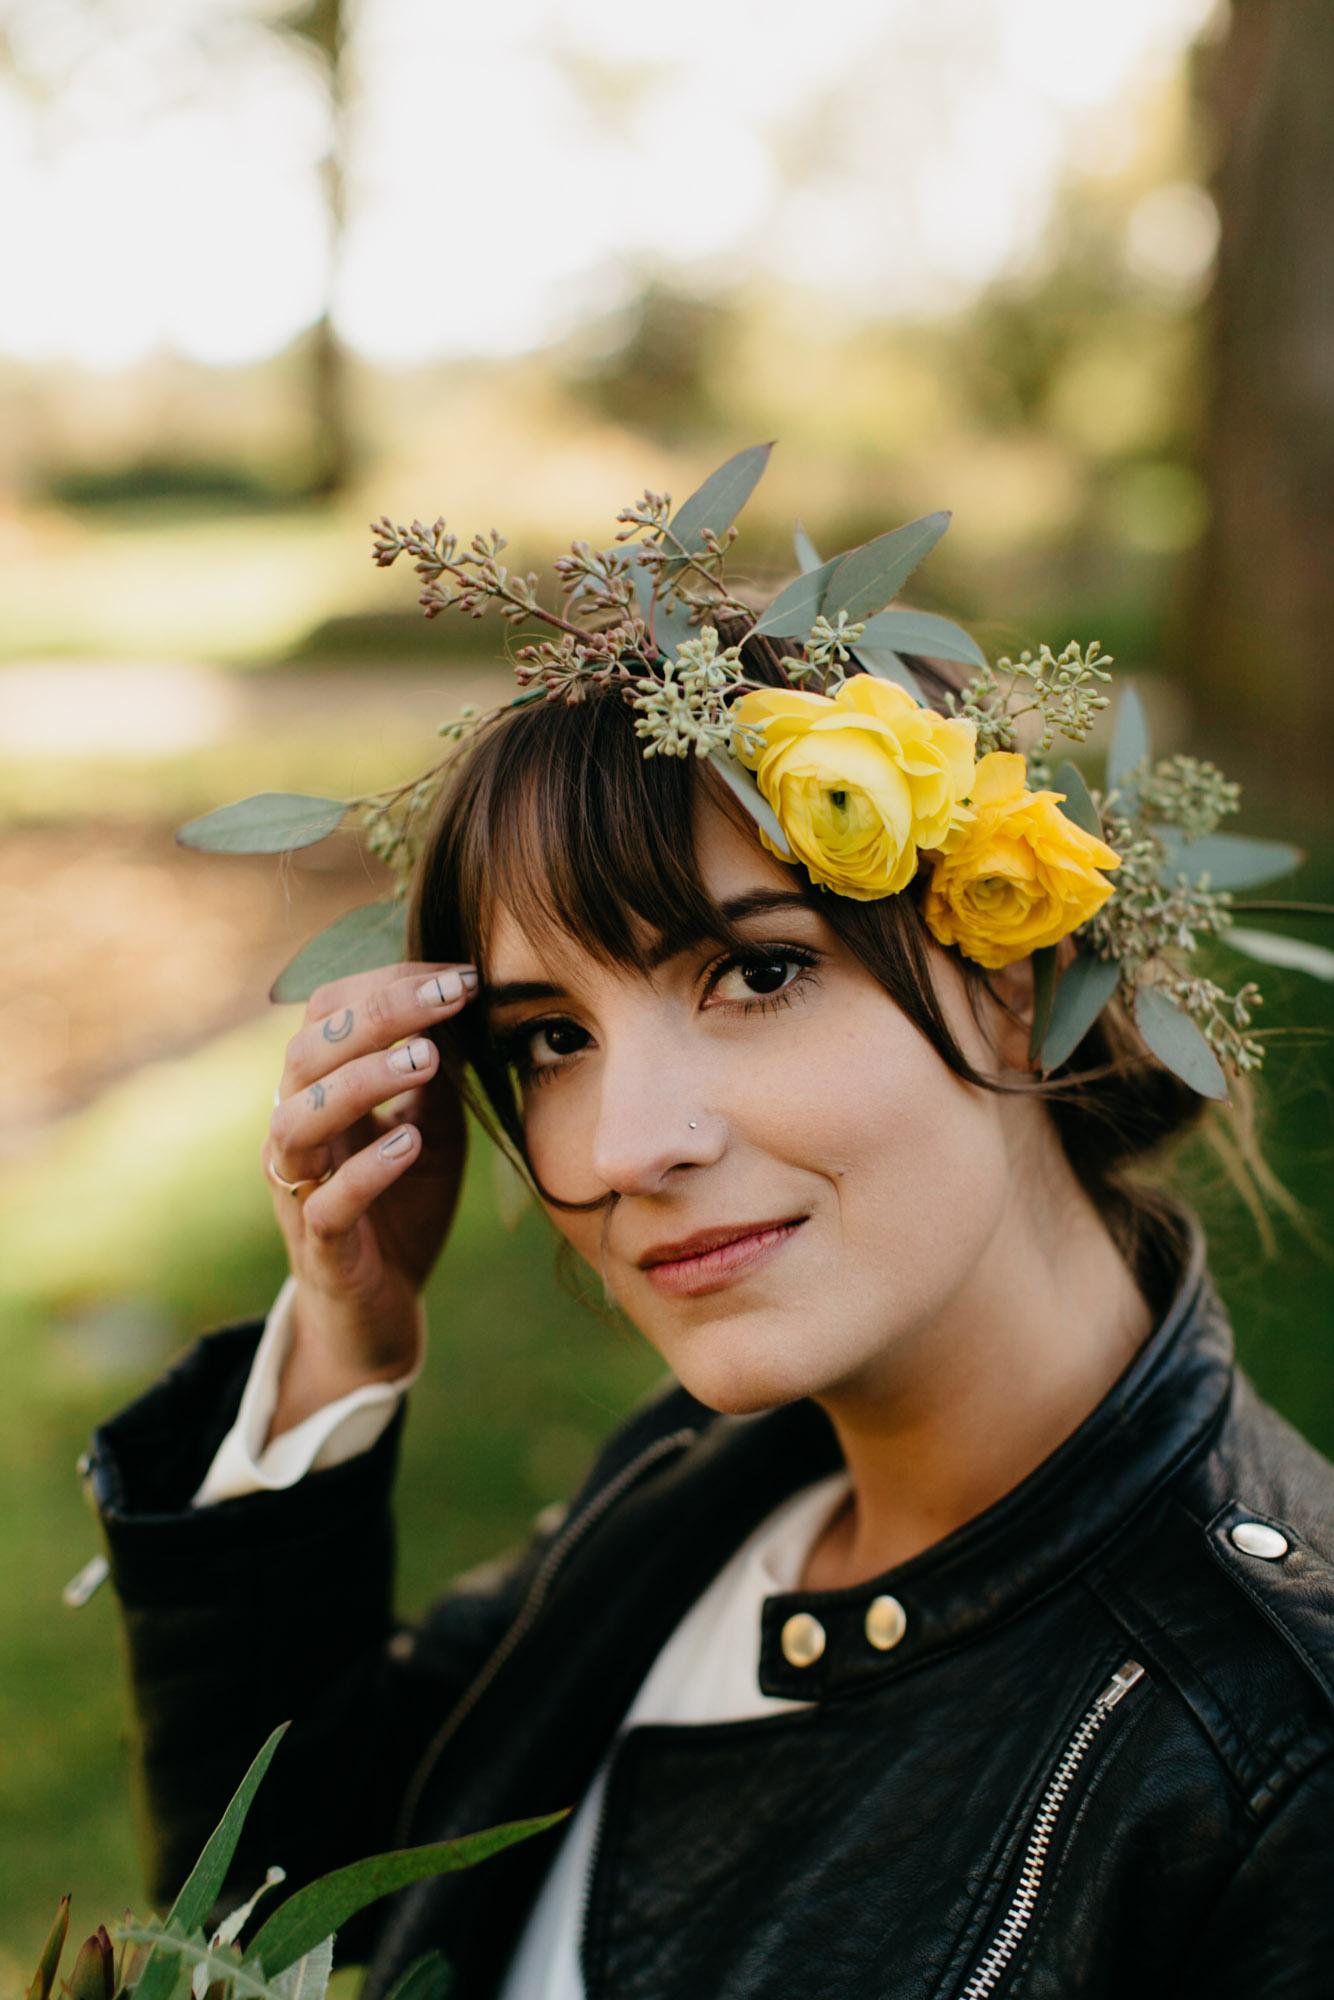 omaha-elopement-photographer-28.jpg